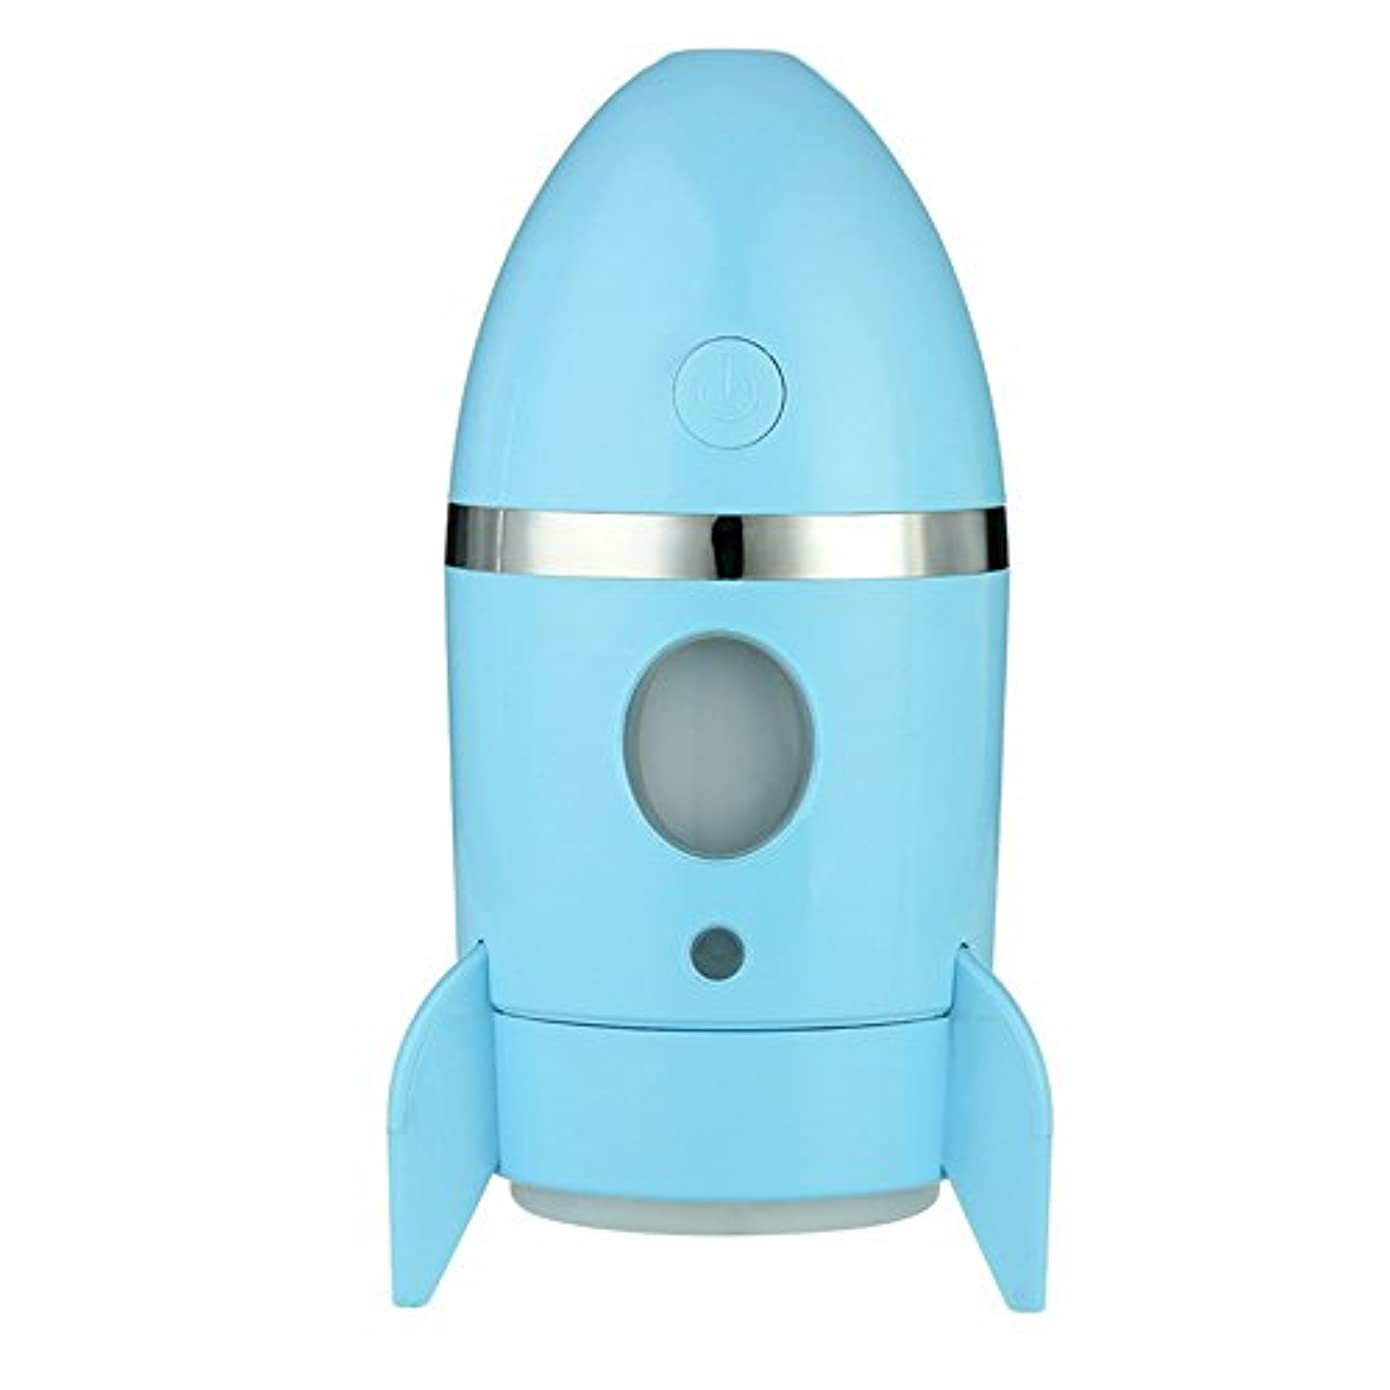 可動式構造仮定するLazayyii USBミニ加湿器 超音波 エッセンシャルオイル ミスト (ブルー)